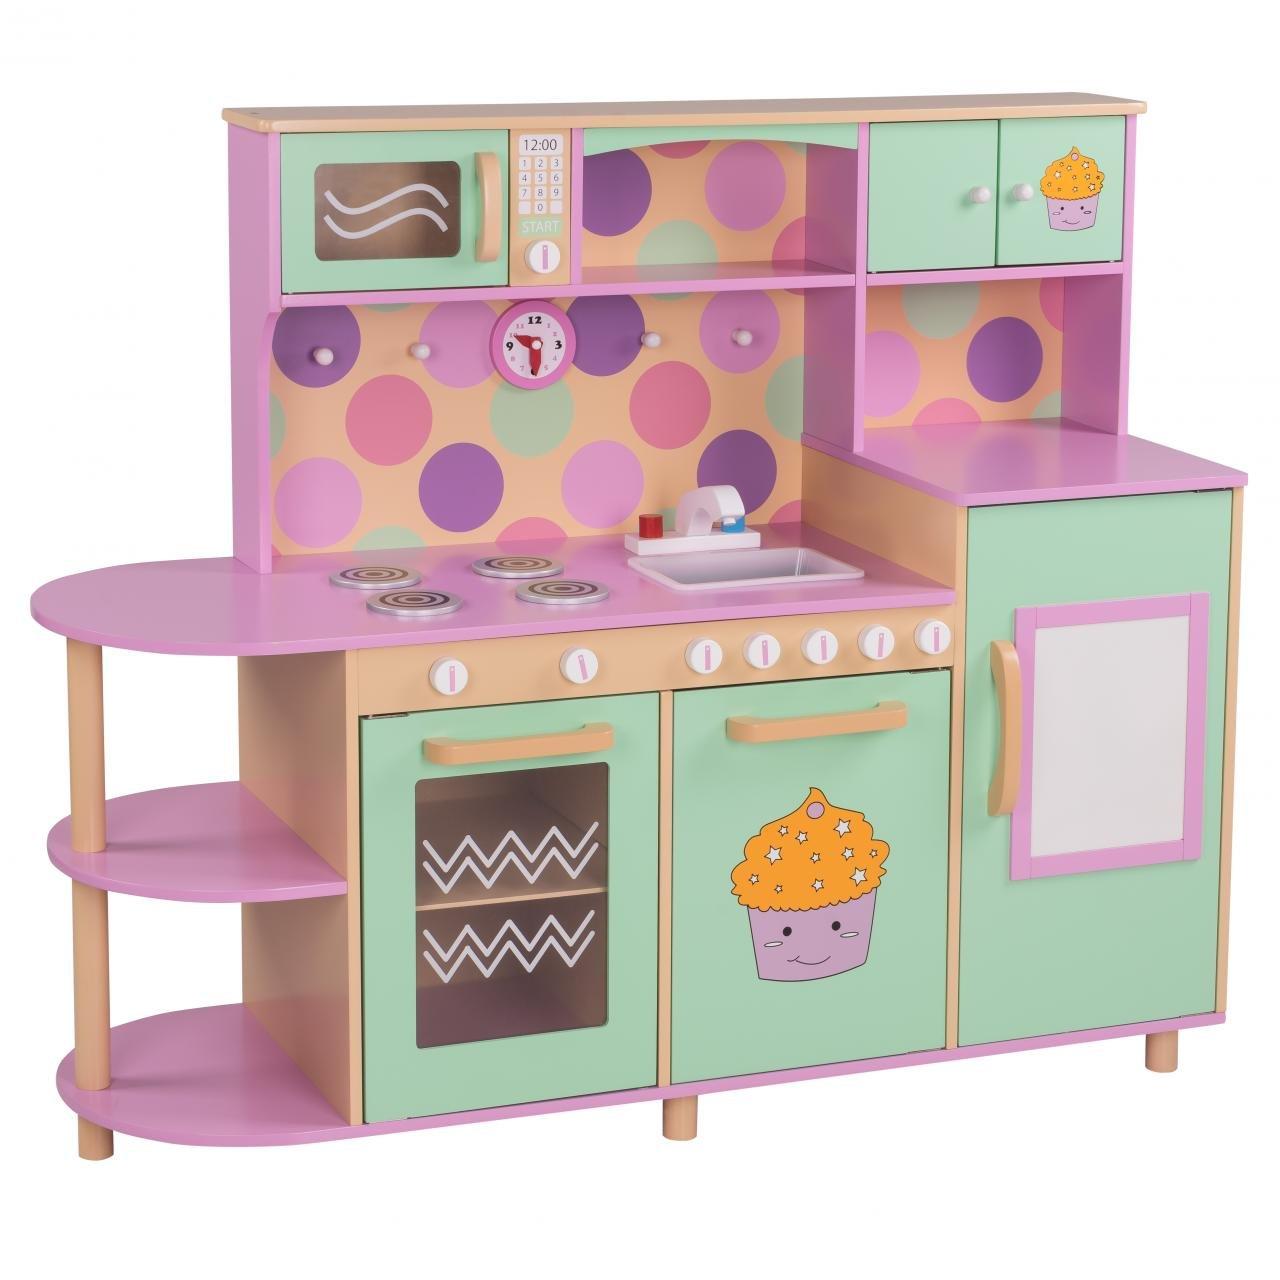 Schön Kinderküche Froggy Kinderspielküche Spielküche Holzspielküche  Spielzeugküche Holzküche Holz Küche: Amazon.de: Baby